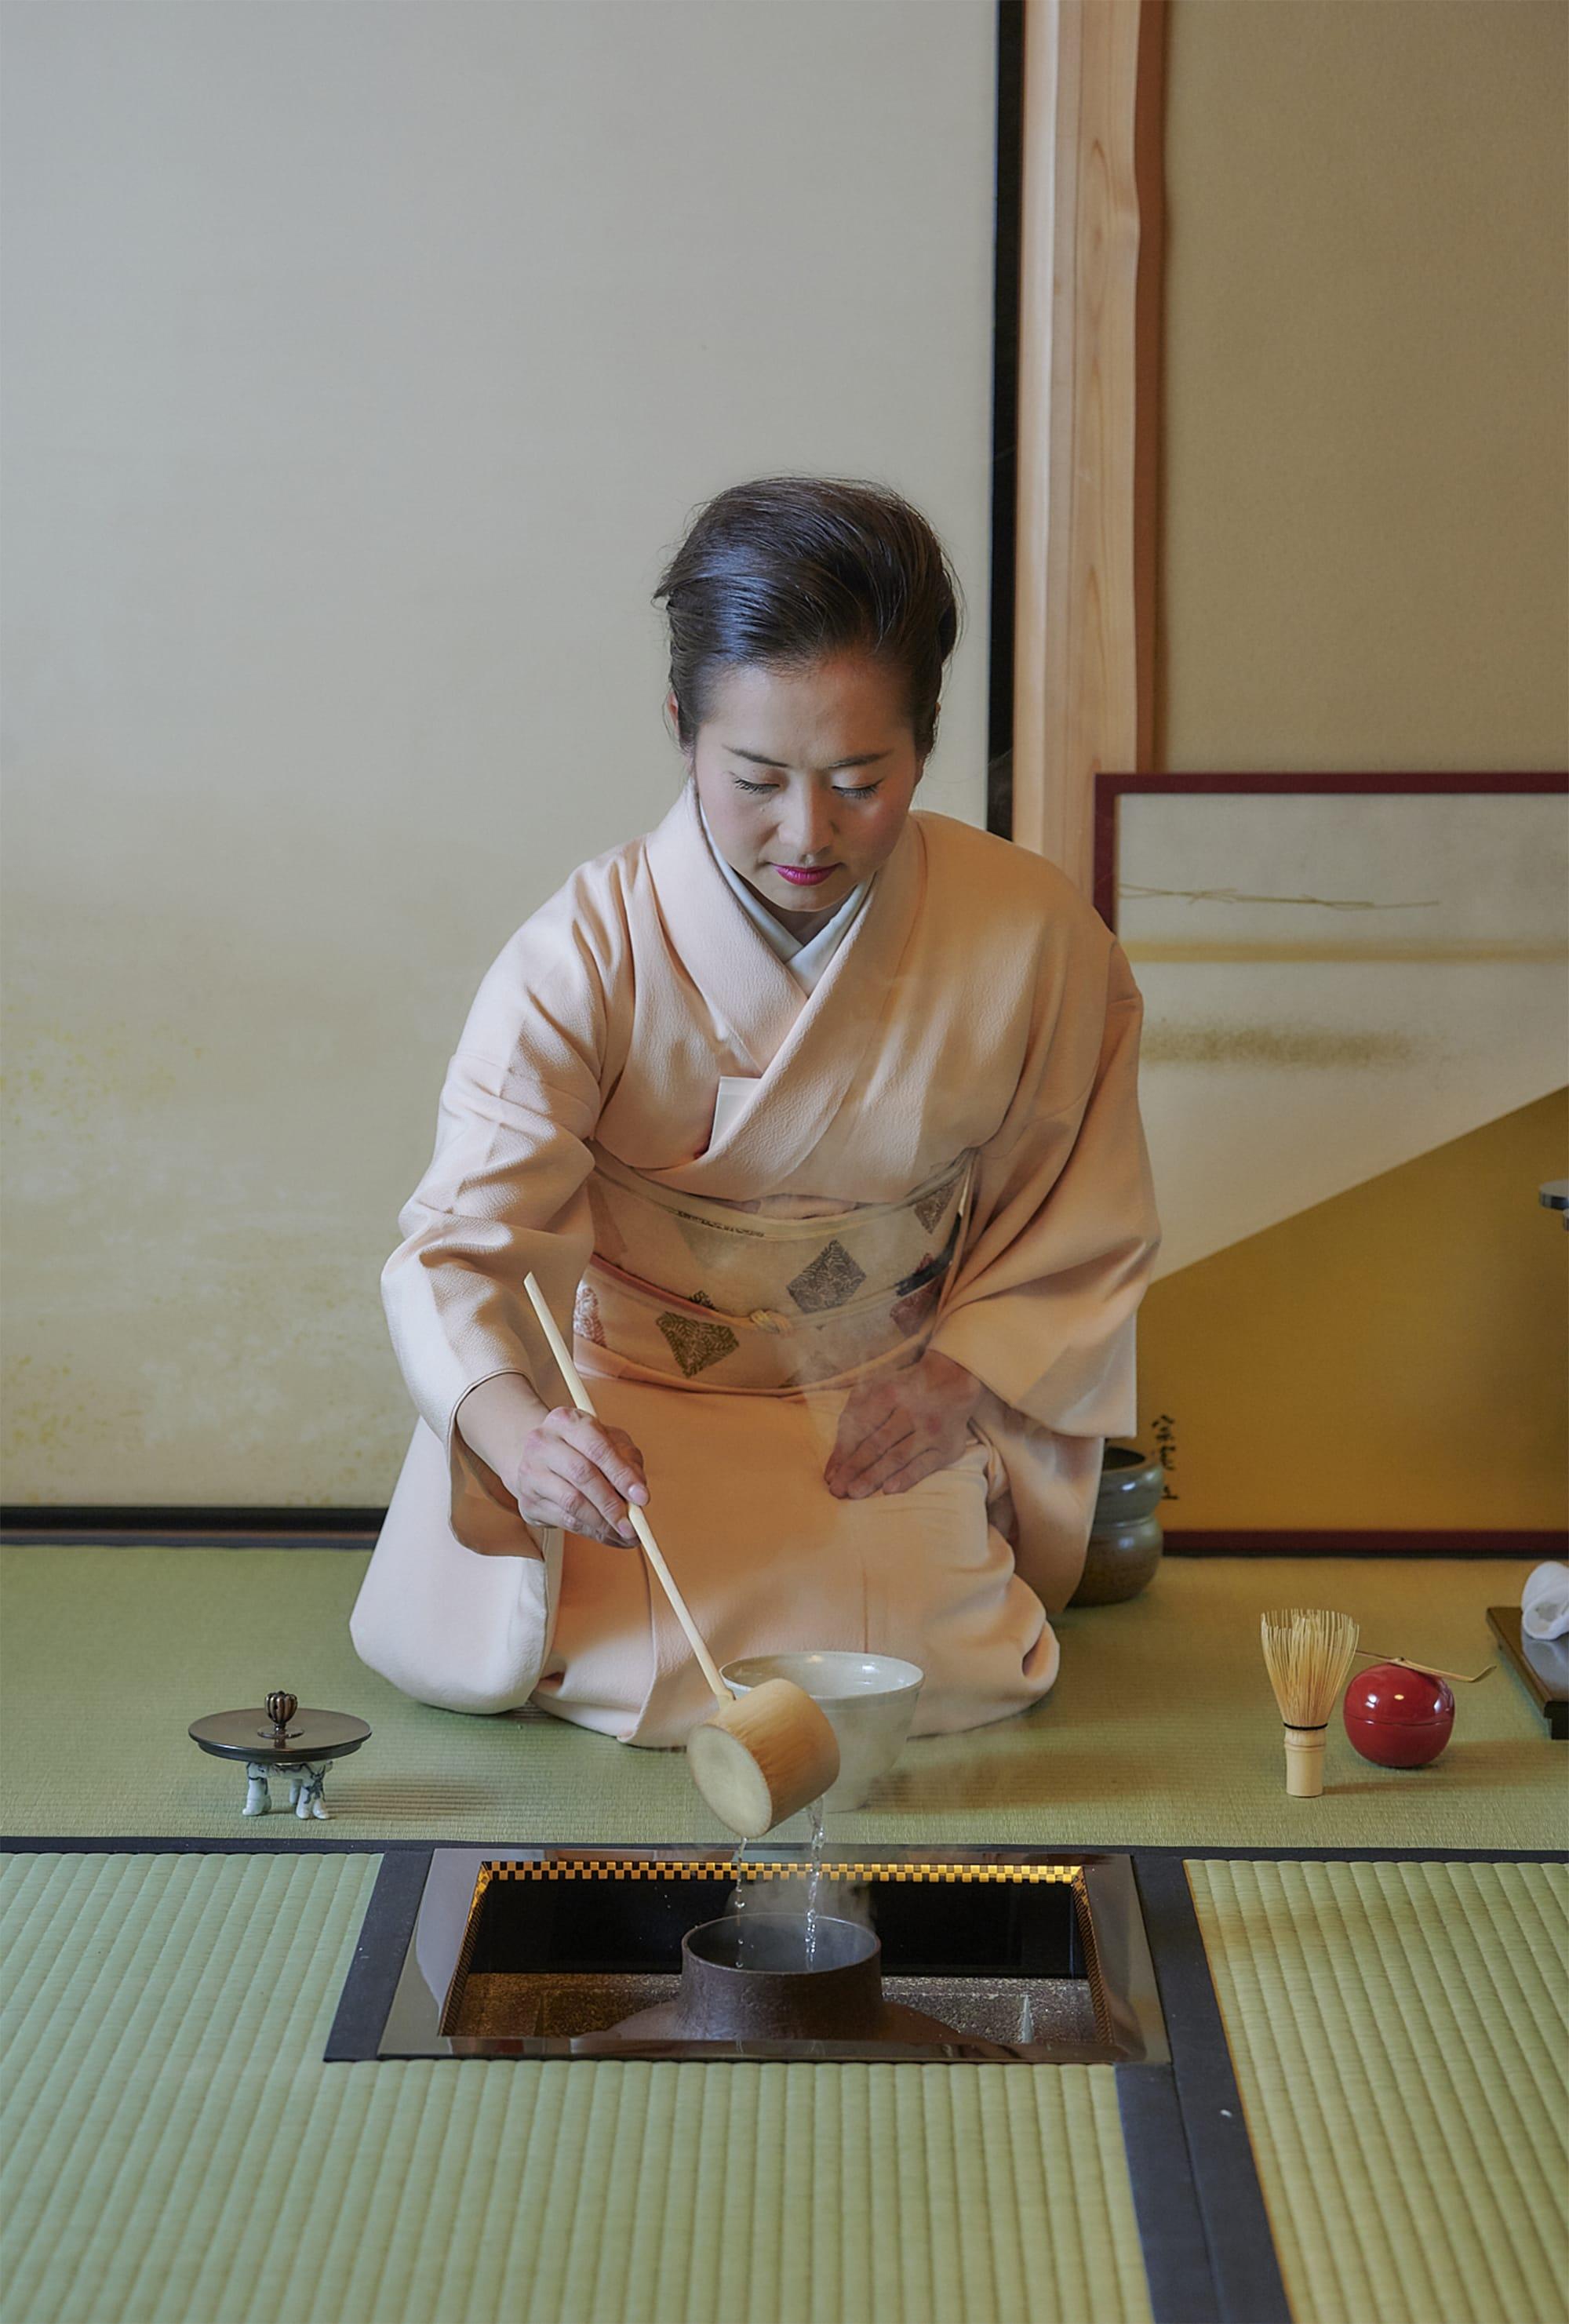 トップアスリートにこそ、茶道のような、精神を整える時間が必要だと実感しているという。茶道の所作や約束事に気を取られがちだが、アスリートは茶道に、精神性と身体性の相関を見つけているのが面白いと思う。